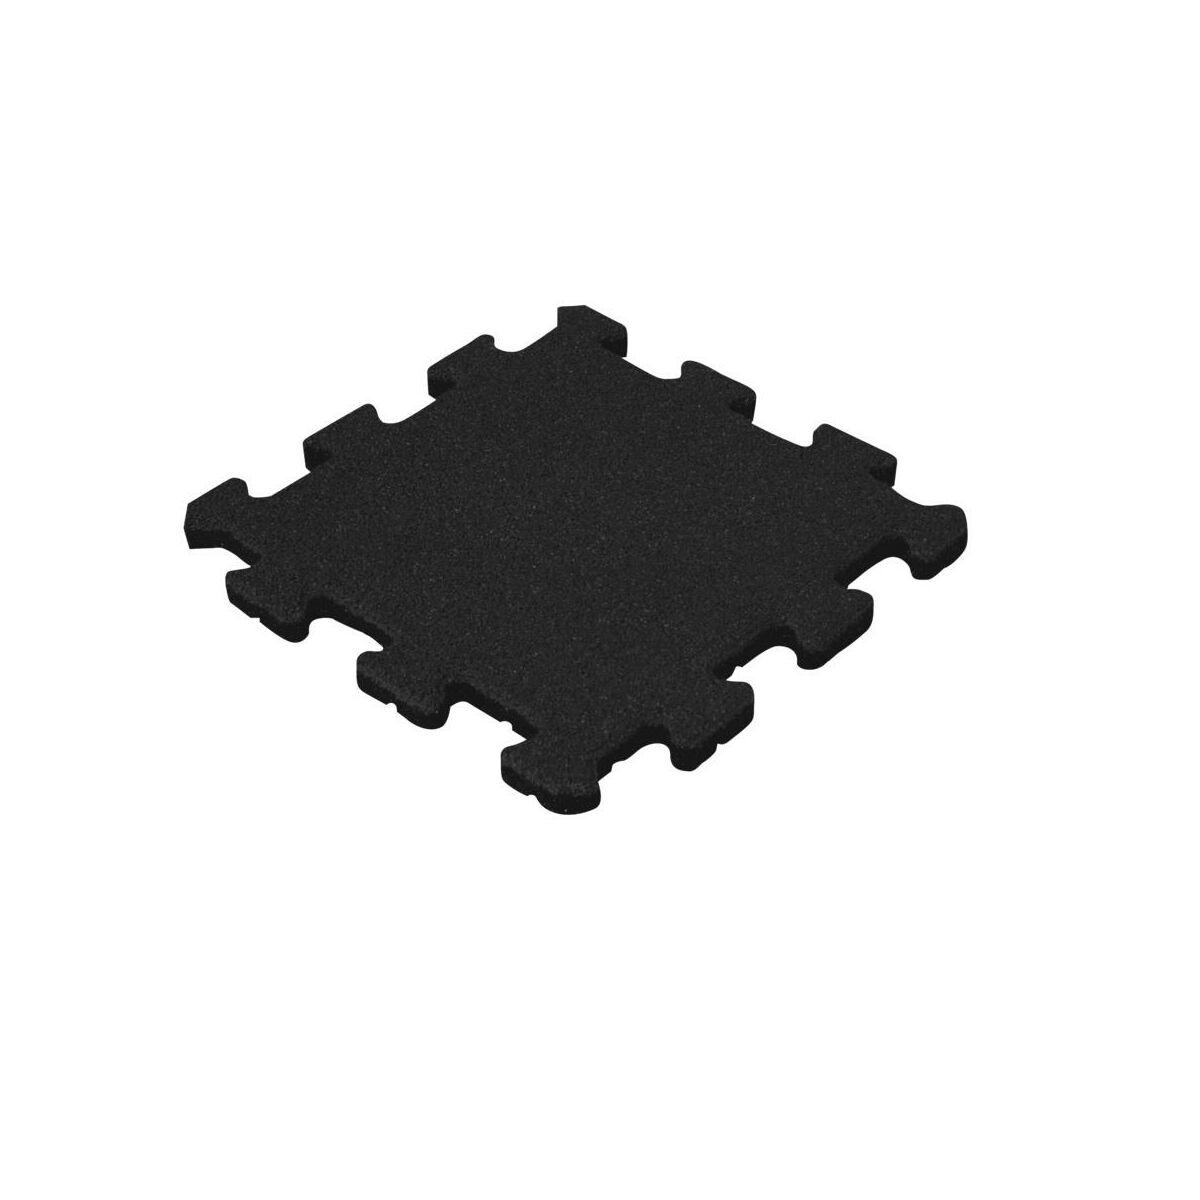 Podest Elastyczny Puzzle Szer 50 X Gl 50 X Wys 2 Cm Czarny Plyty Gumowe Na Plac Zabaw W Atrakcyjnej Cenie W Sklepach Leroy Merlin